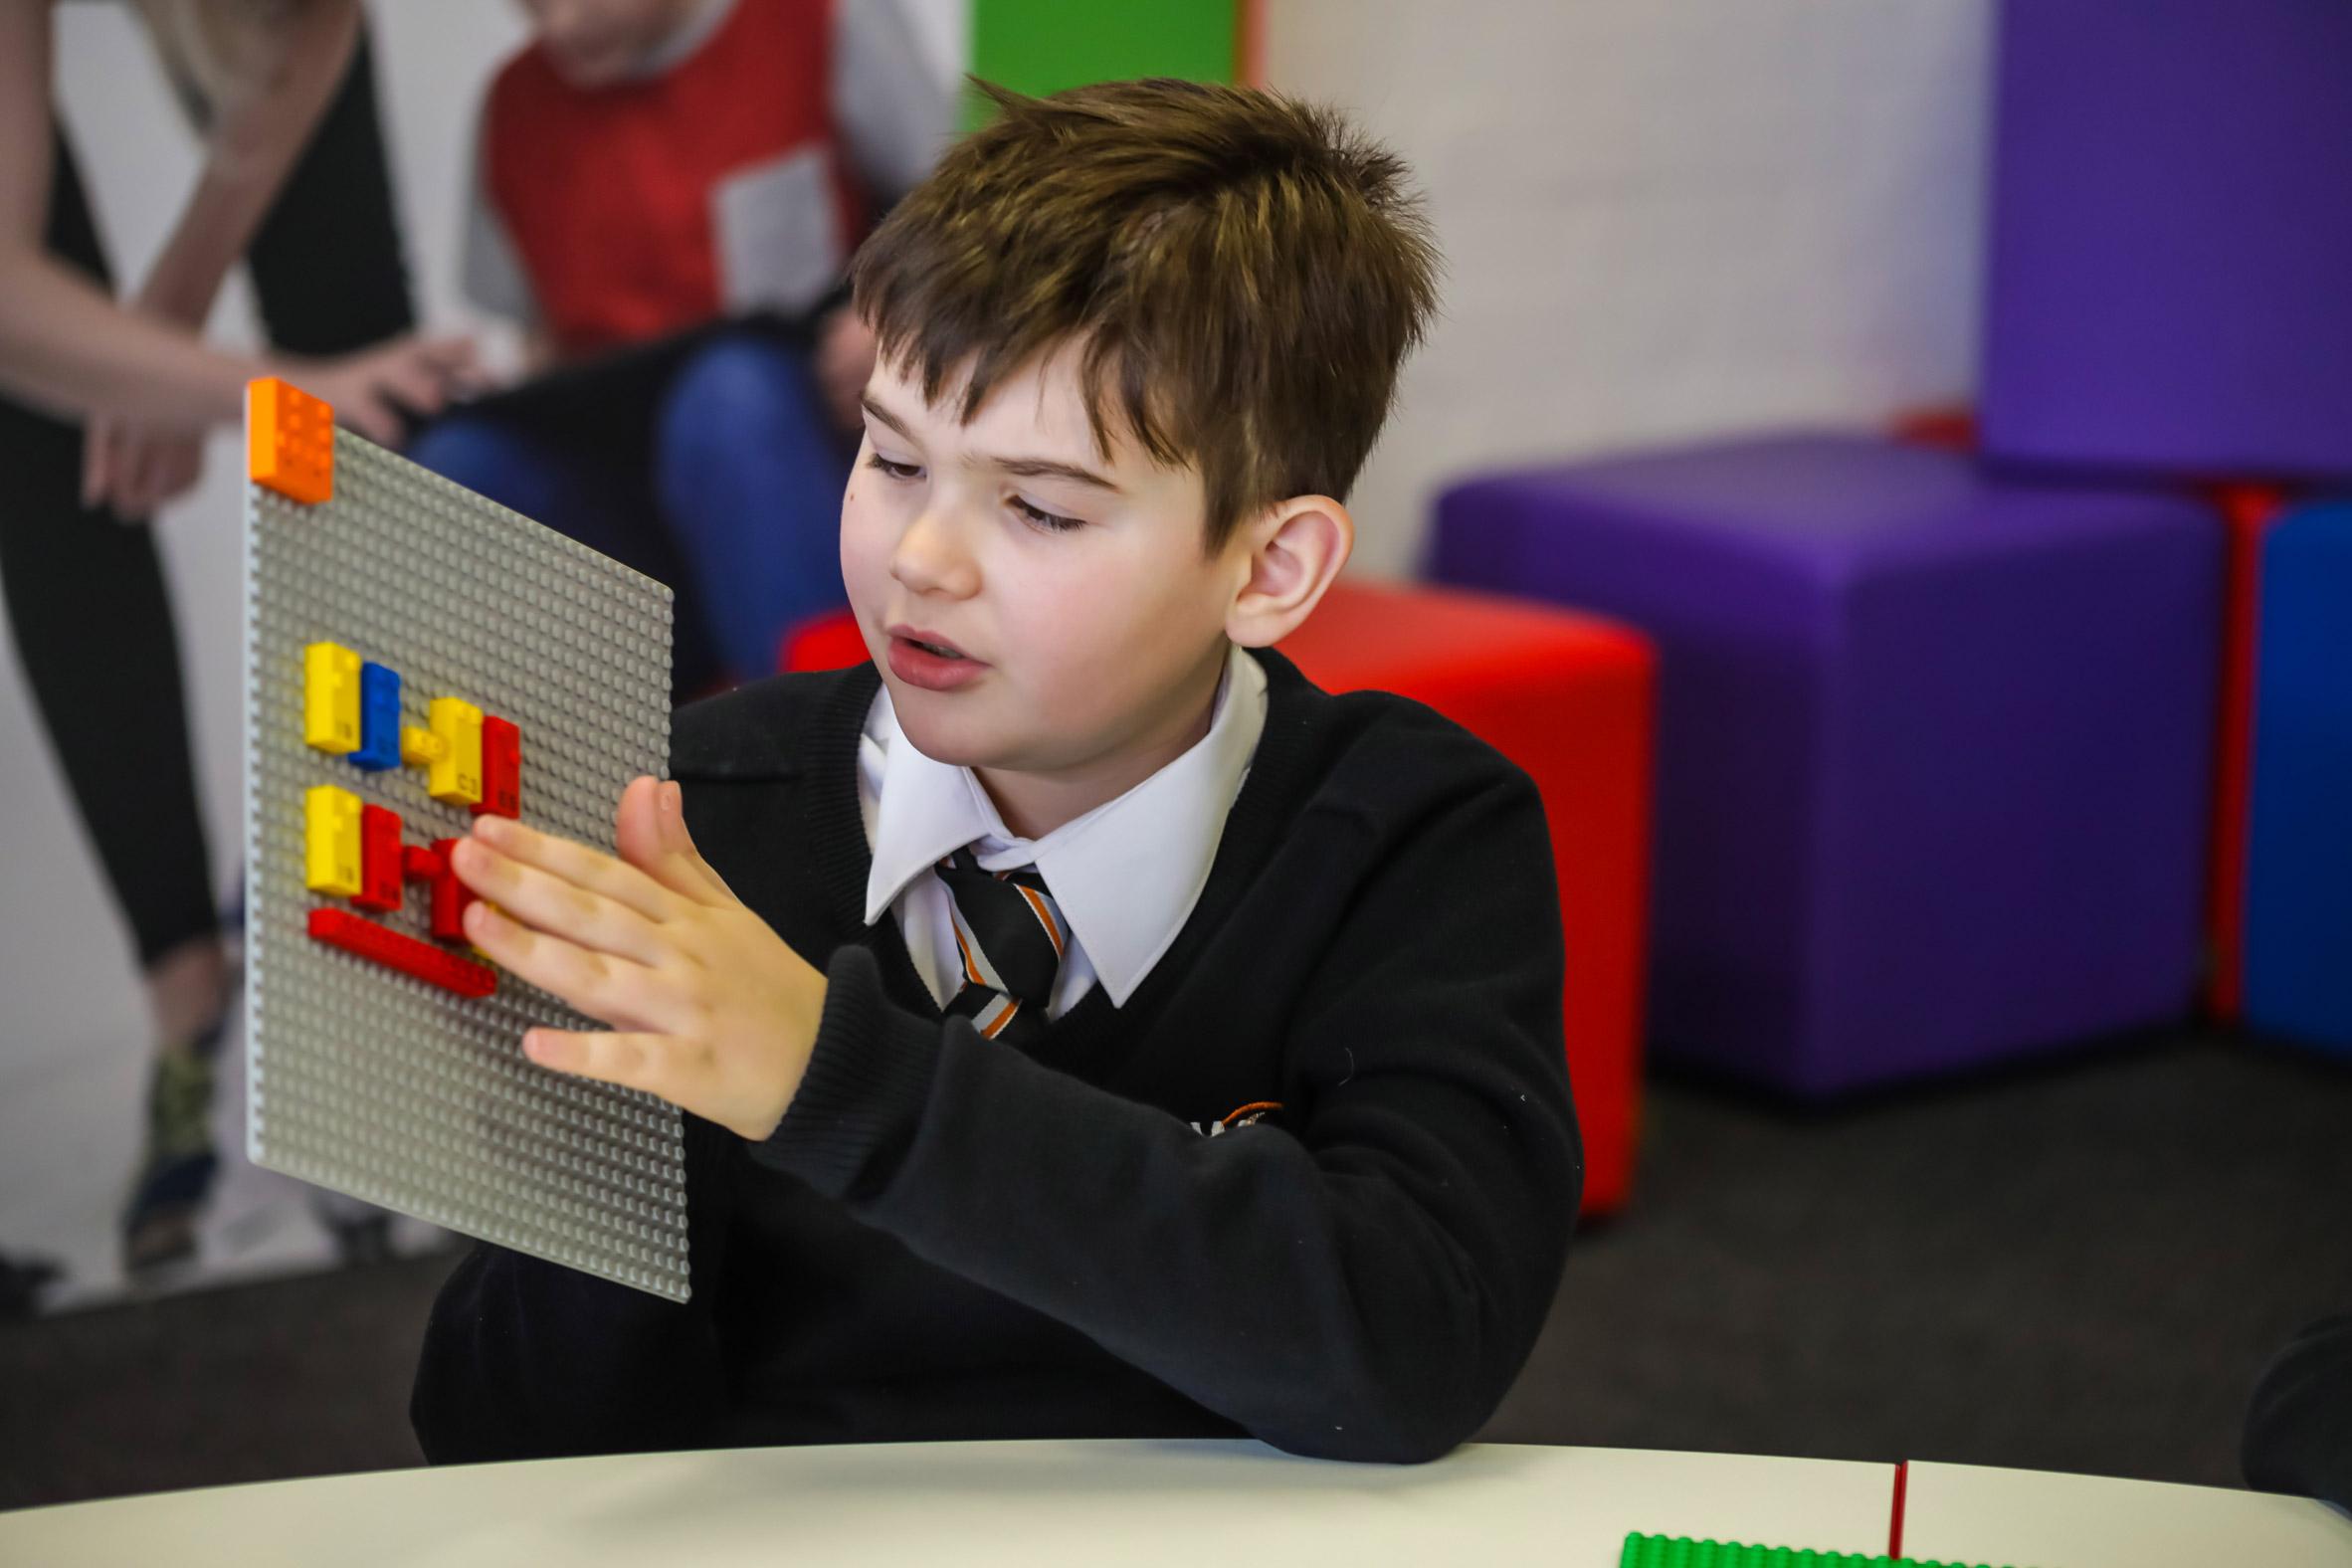 lego-braille-bricks-children-design_dezeen_2364_col_1